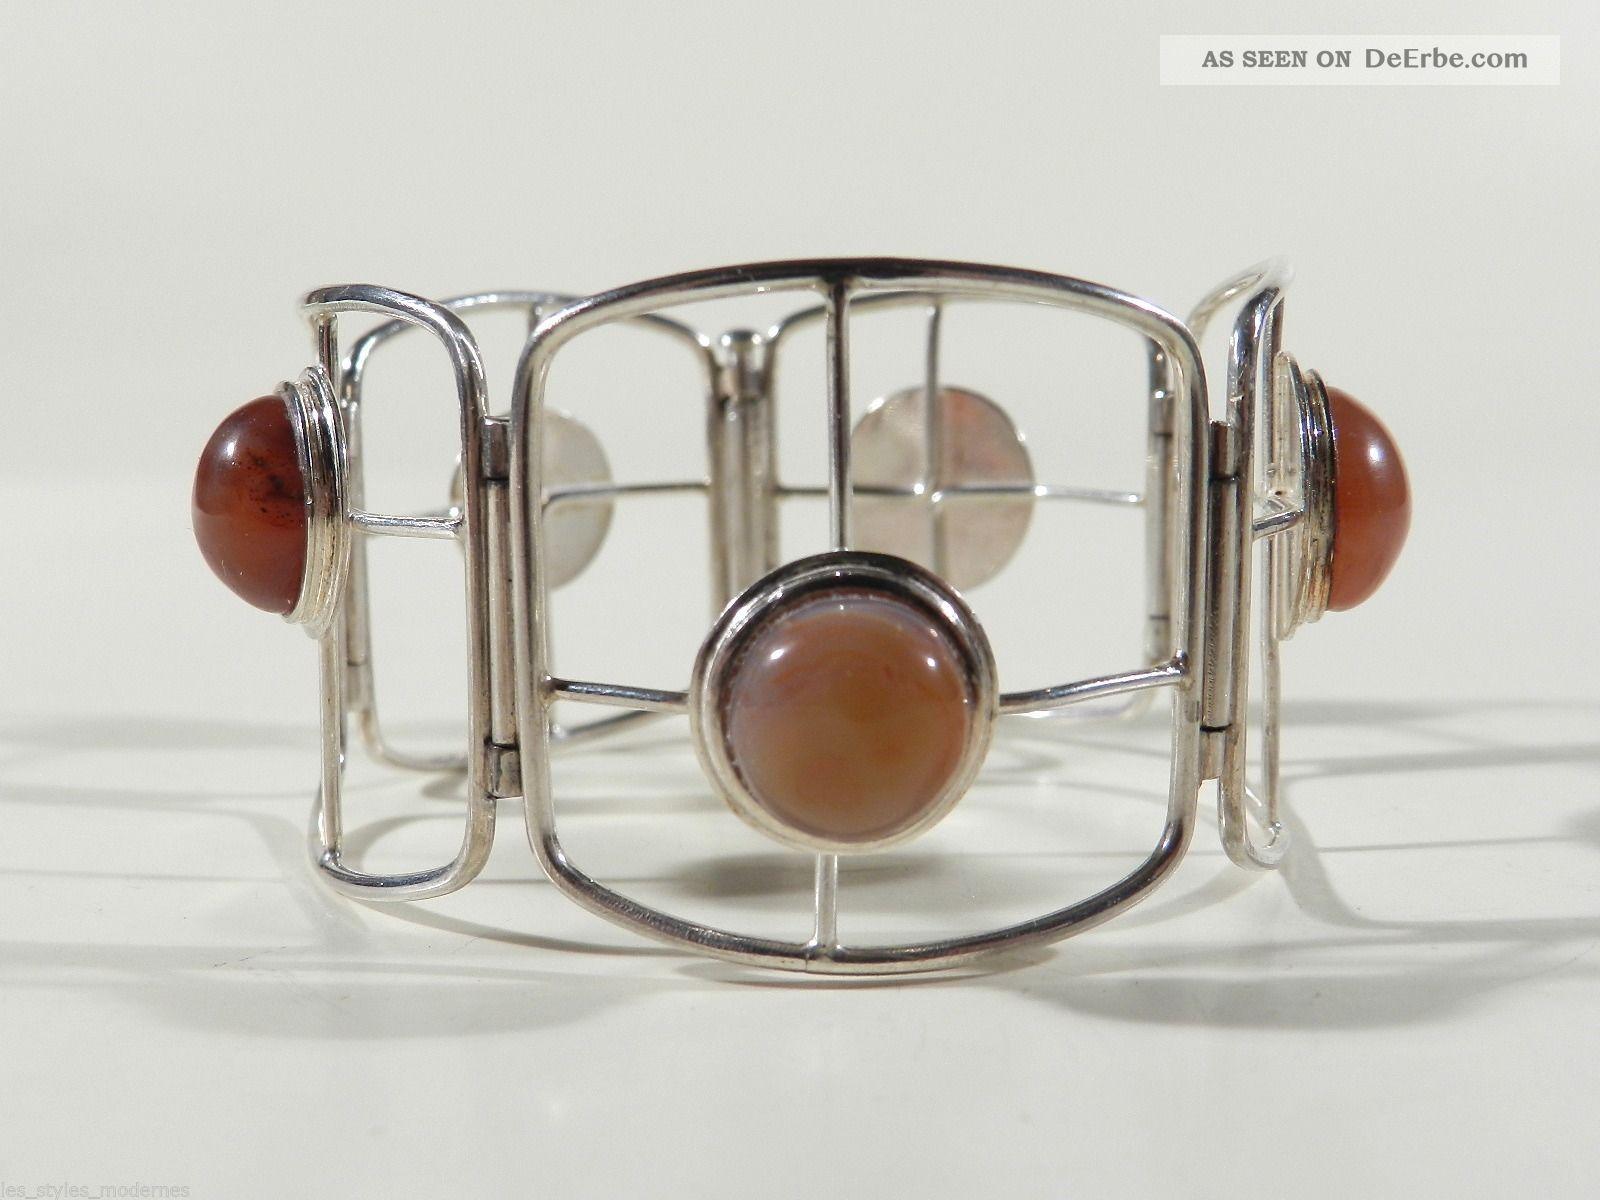 kunstgewerbeschule aachen silber achat 30er jahre armband bauhaus era. Black Bedroom Furniture Sets. Home Design Ideas